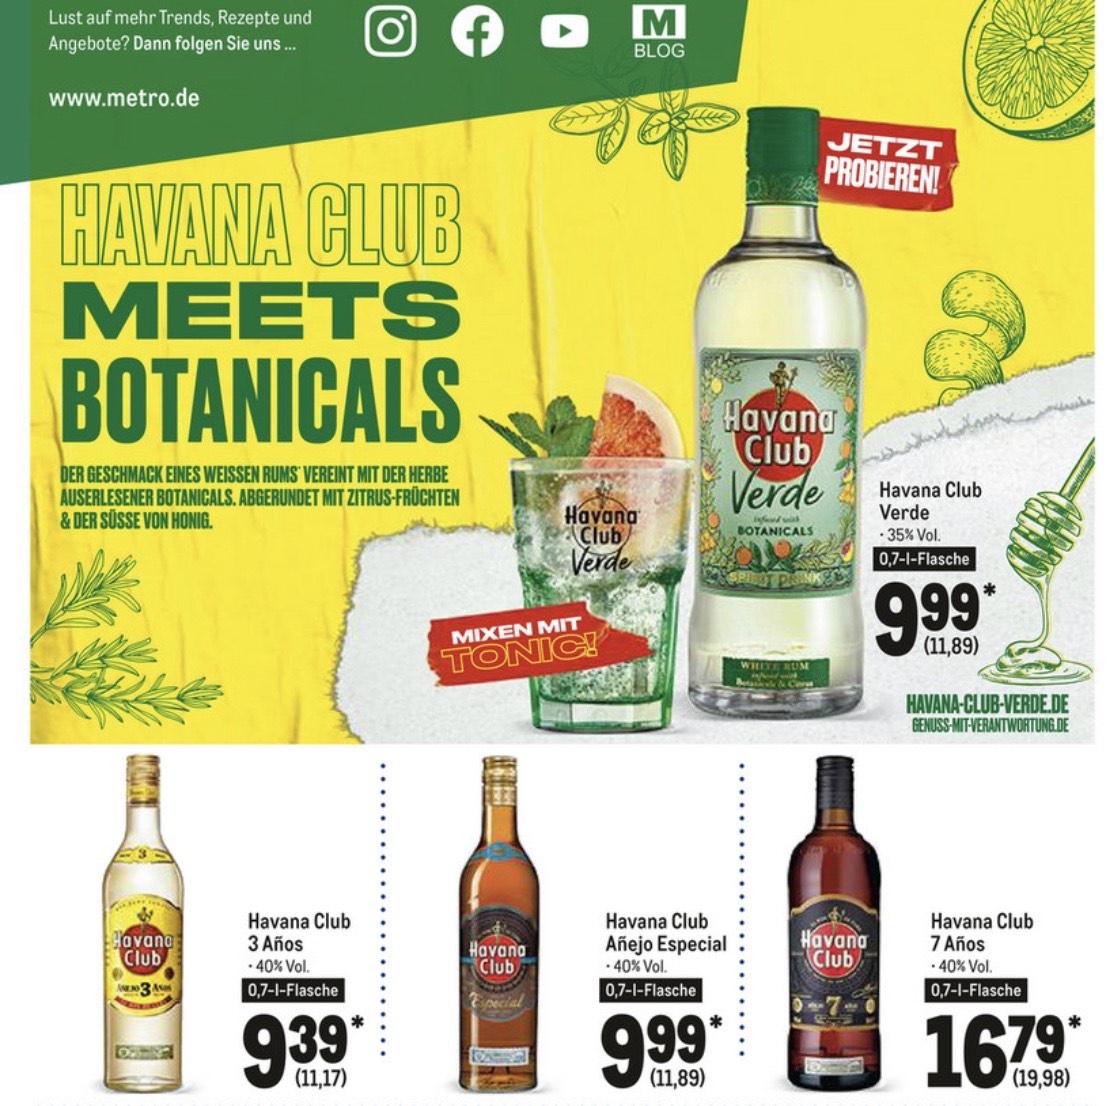 Diverse Sorten Havana Club Rum (Añejo Especial, 3 Años, 7 Años, verde) jeweils 0,7l Flaschen.